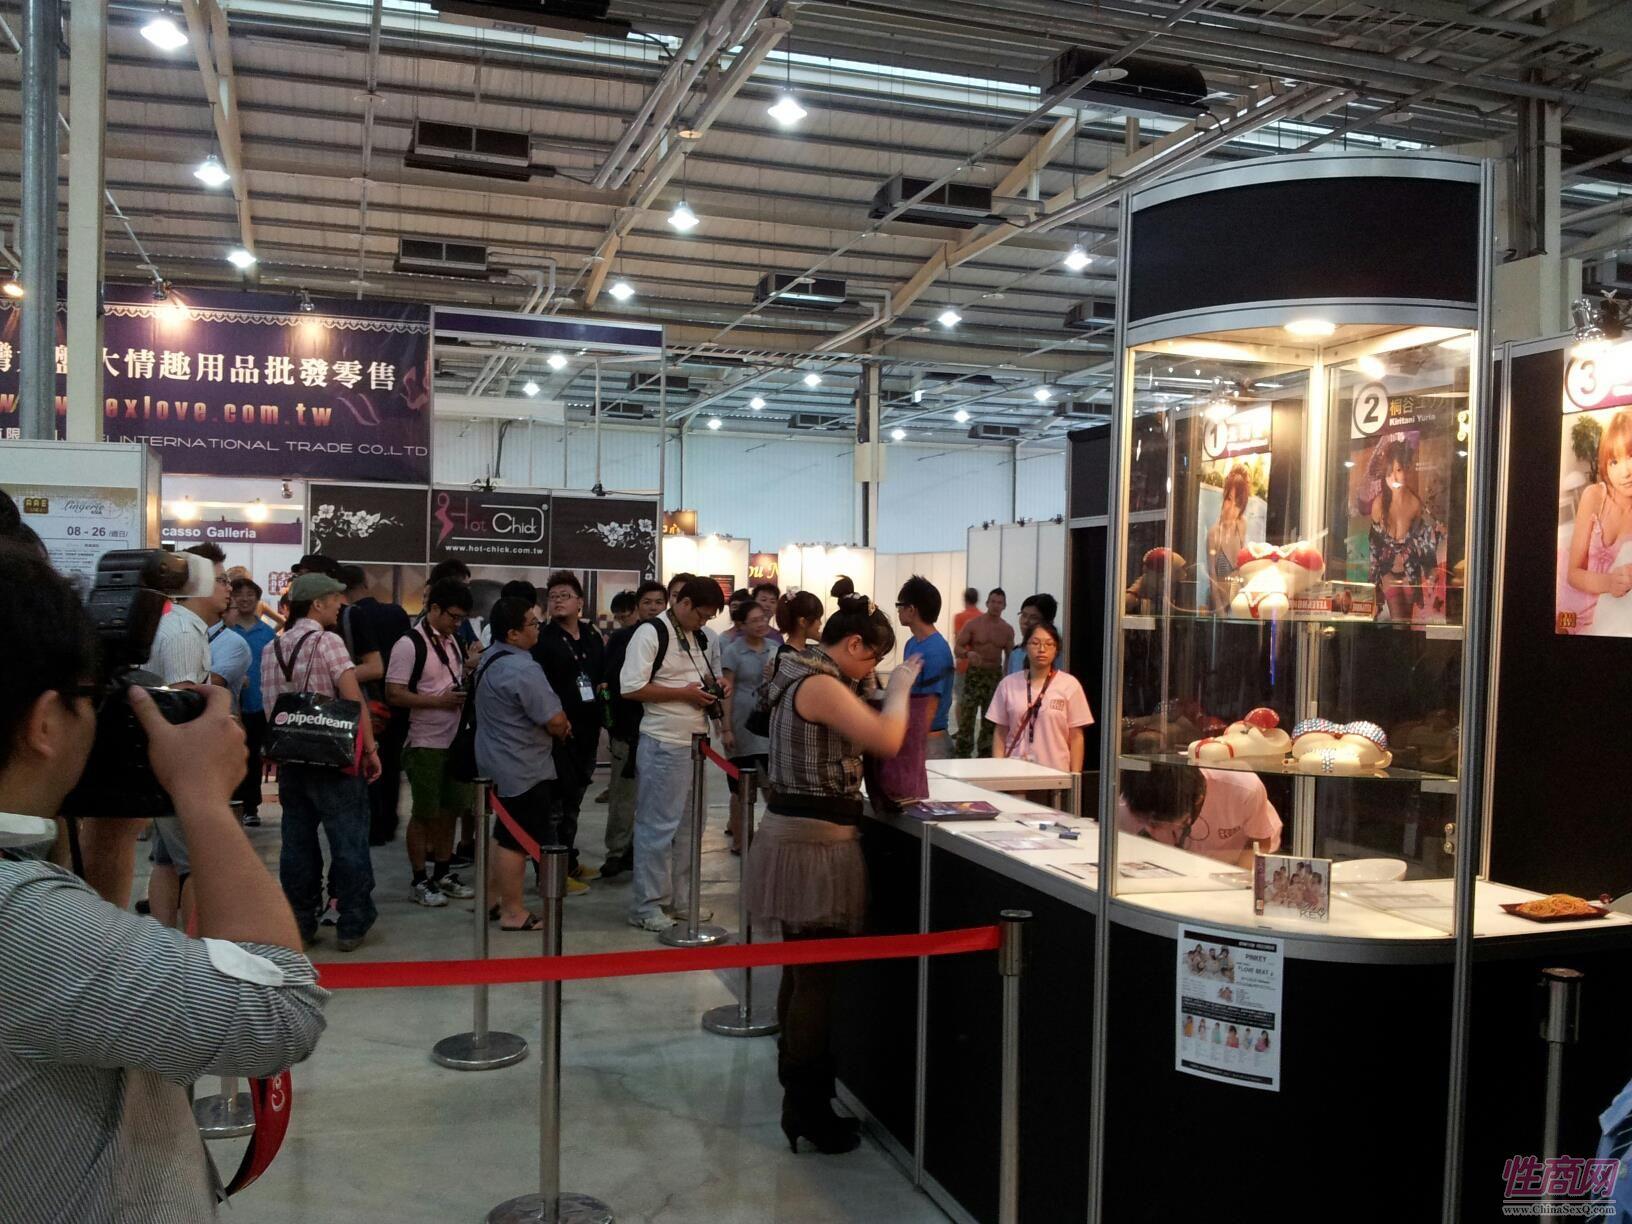 亚洲成人博览进入台湾瞄准宝岛性用品市场图片10